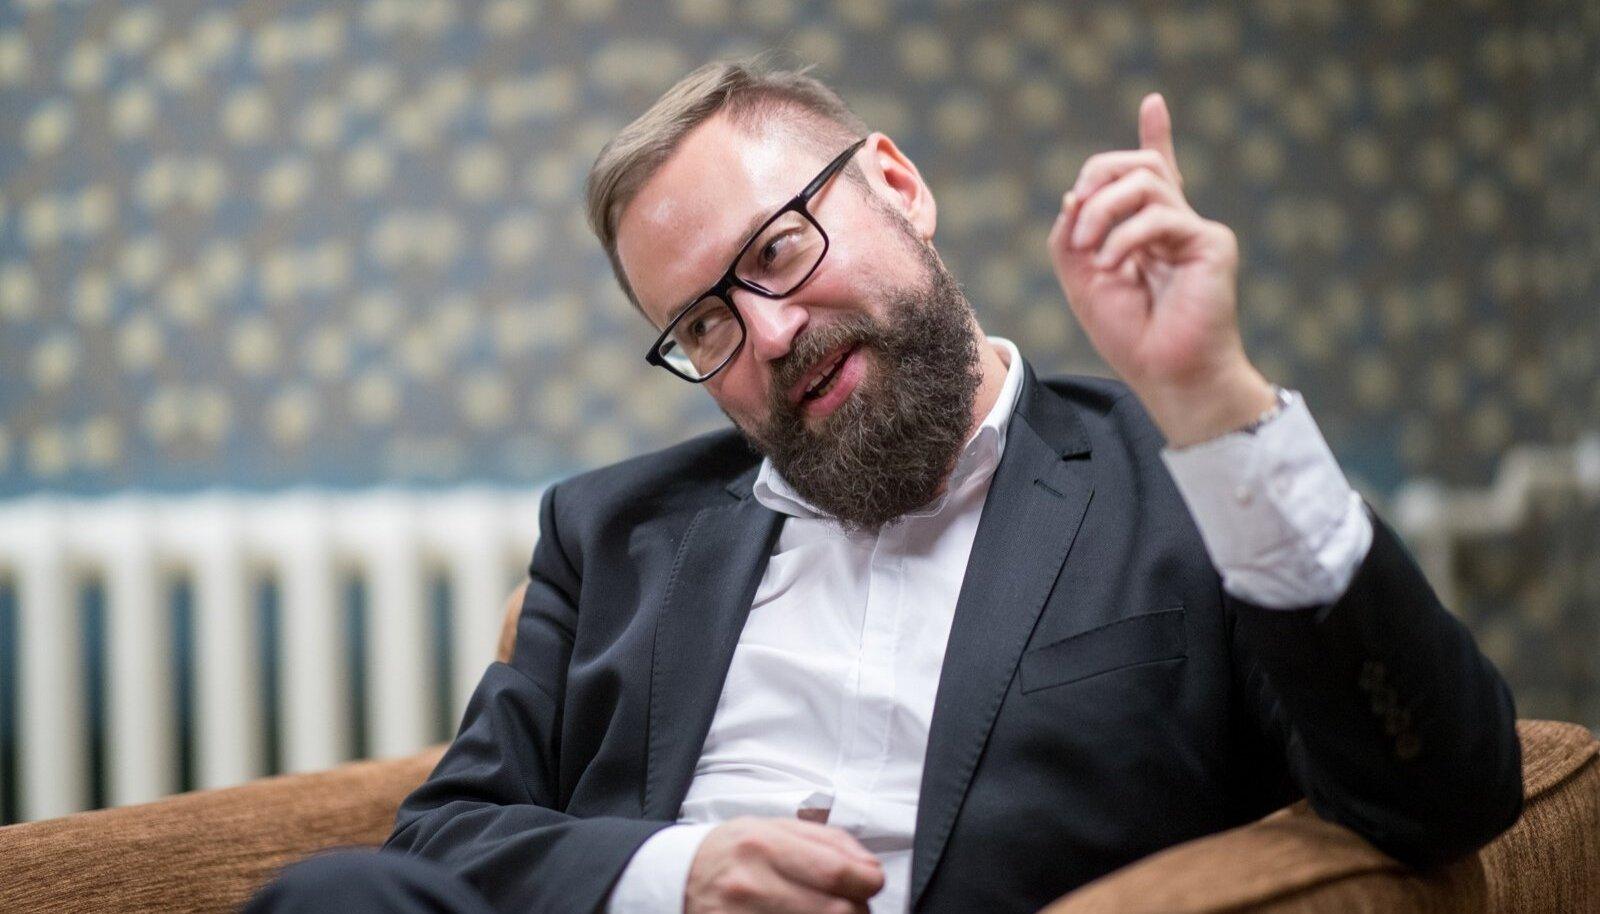 """Jaanus Karilaid: Steven-Hristo Evestus on muutunud """"kiibistatud"""", emotsioonidest nõretavaks kodanikuks"""